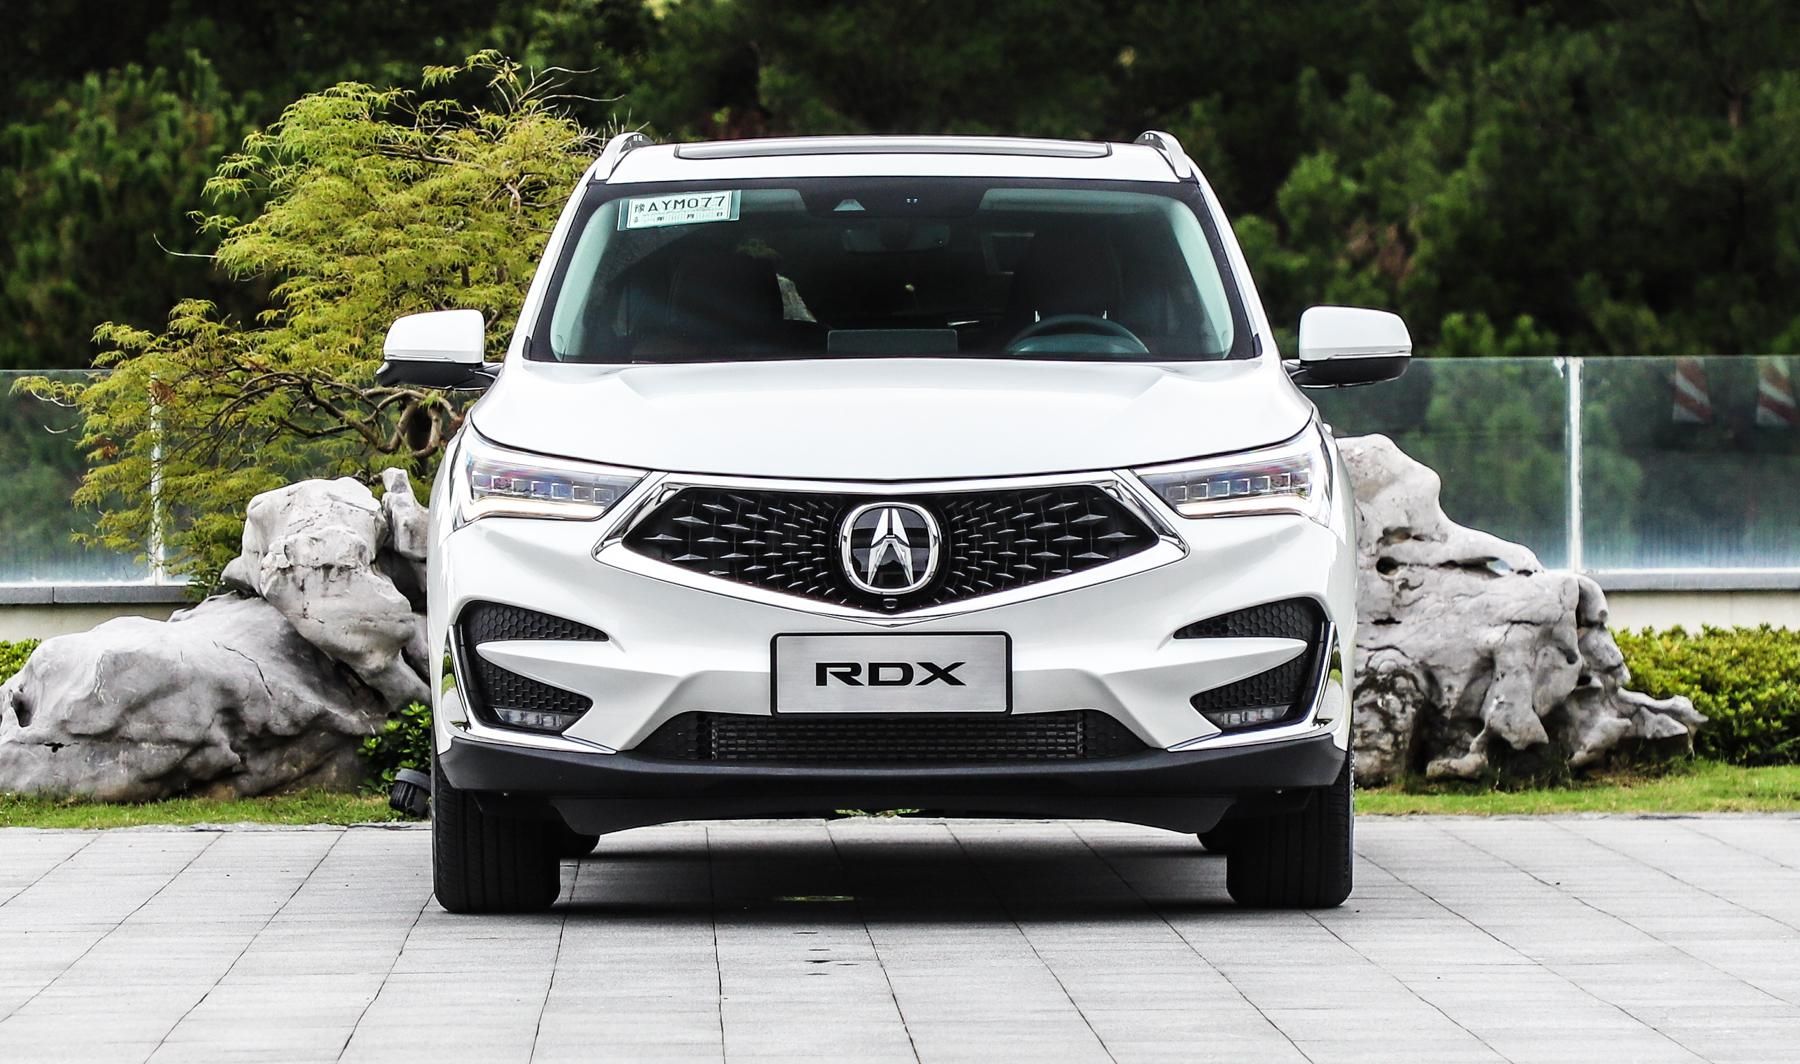 【草稿】售价xx-xx万元 广汽讴歌全新RDX上市